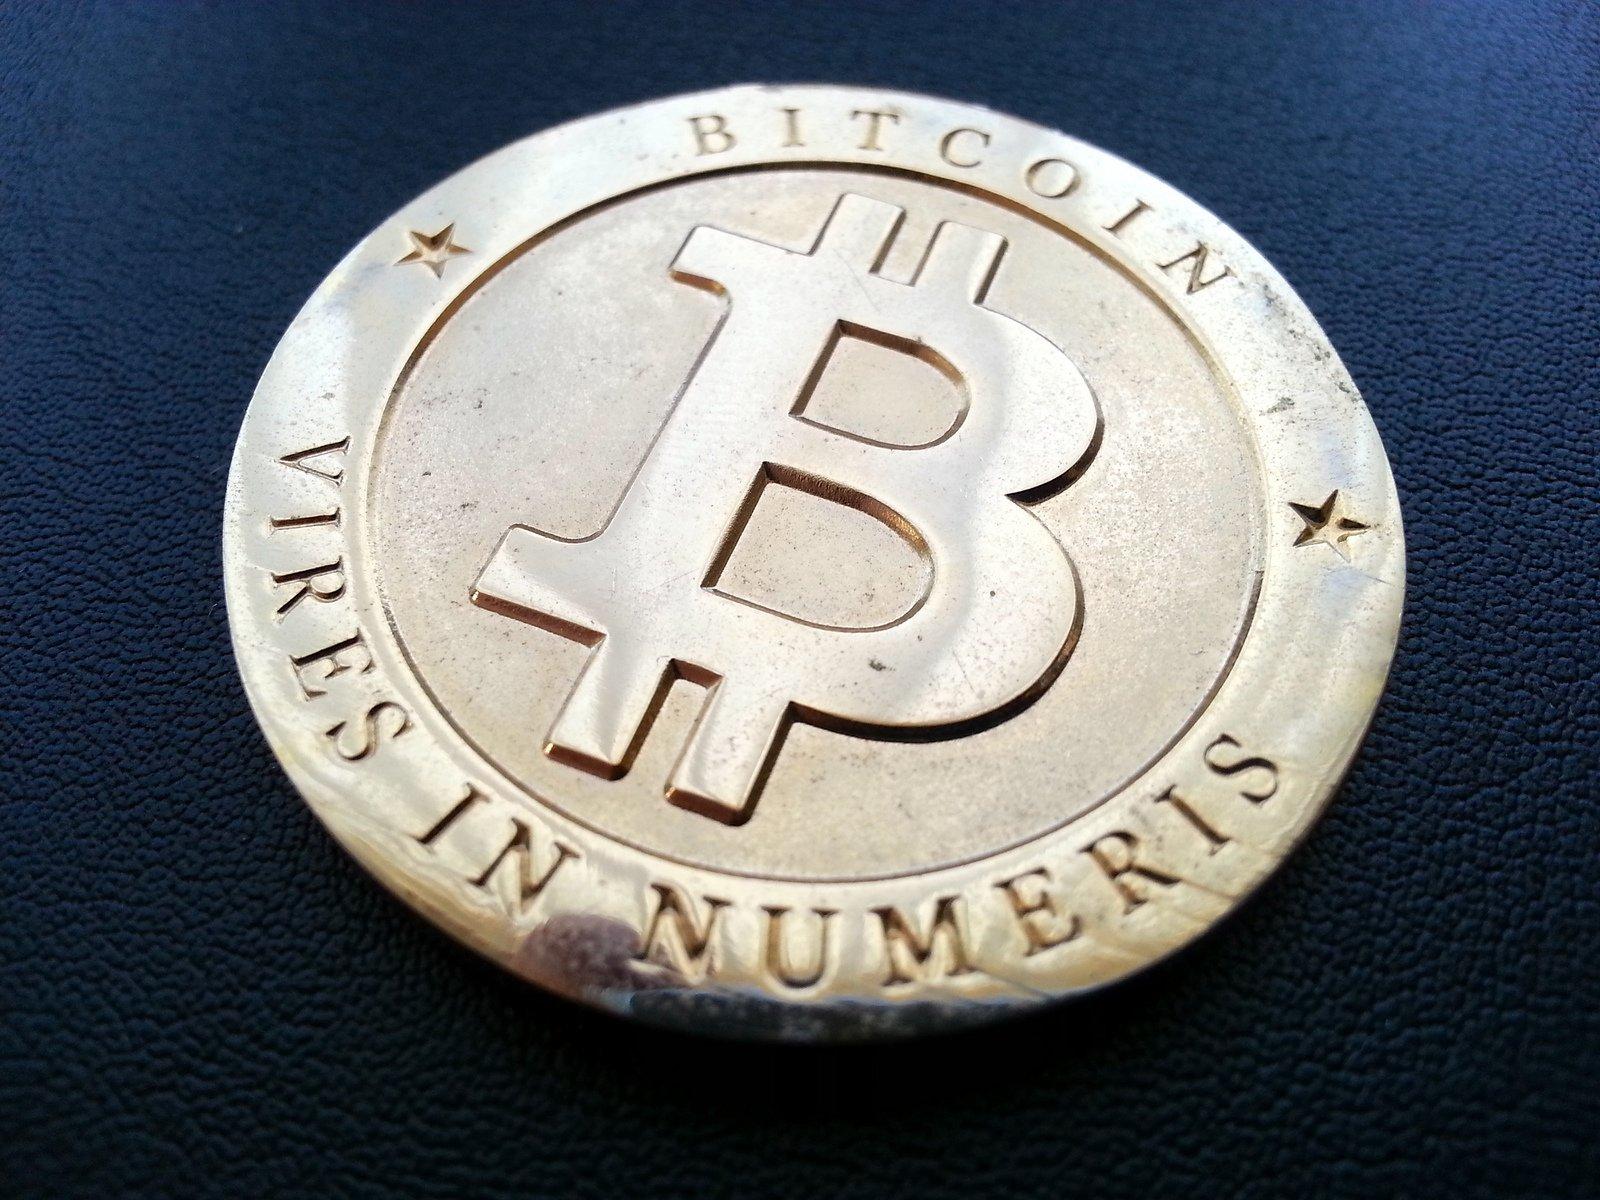 Курс биткоина превысил 7 тыс. долларов